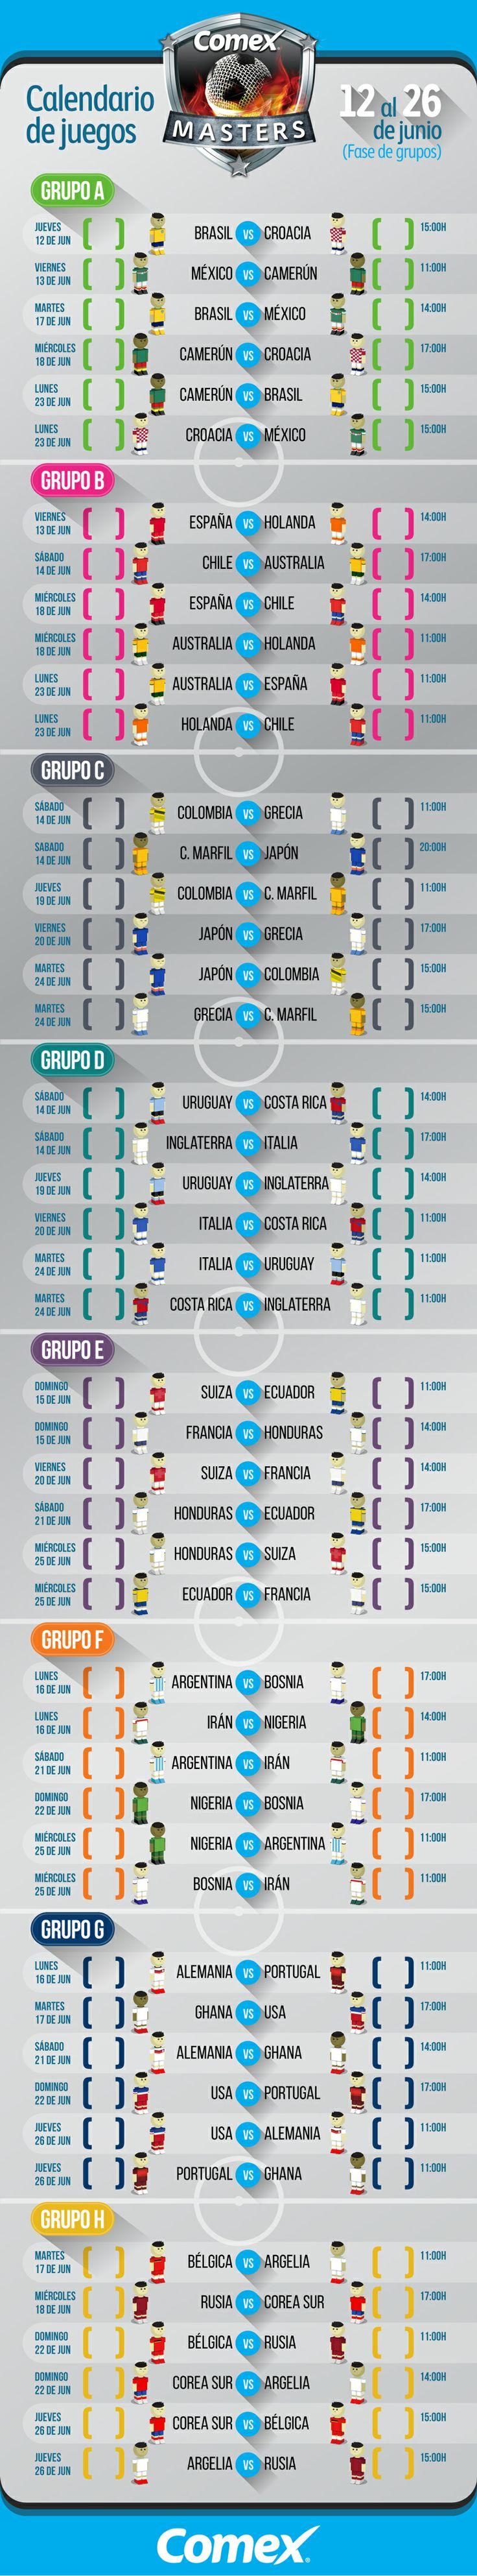 Calendario de juegos de la fase de grupos del Mundial Brasil 2014